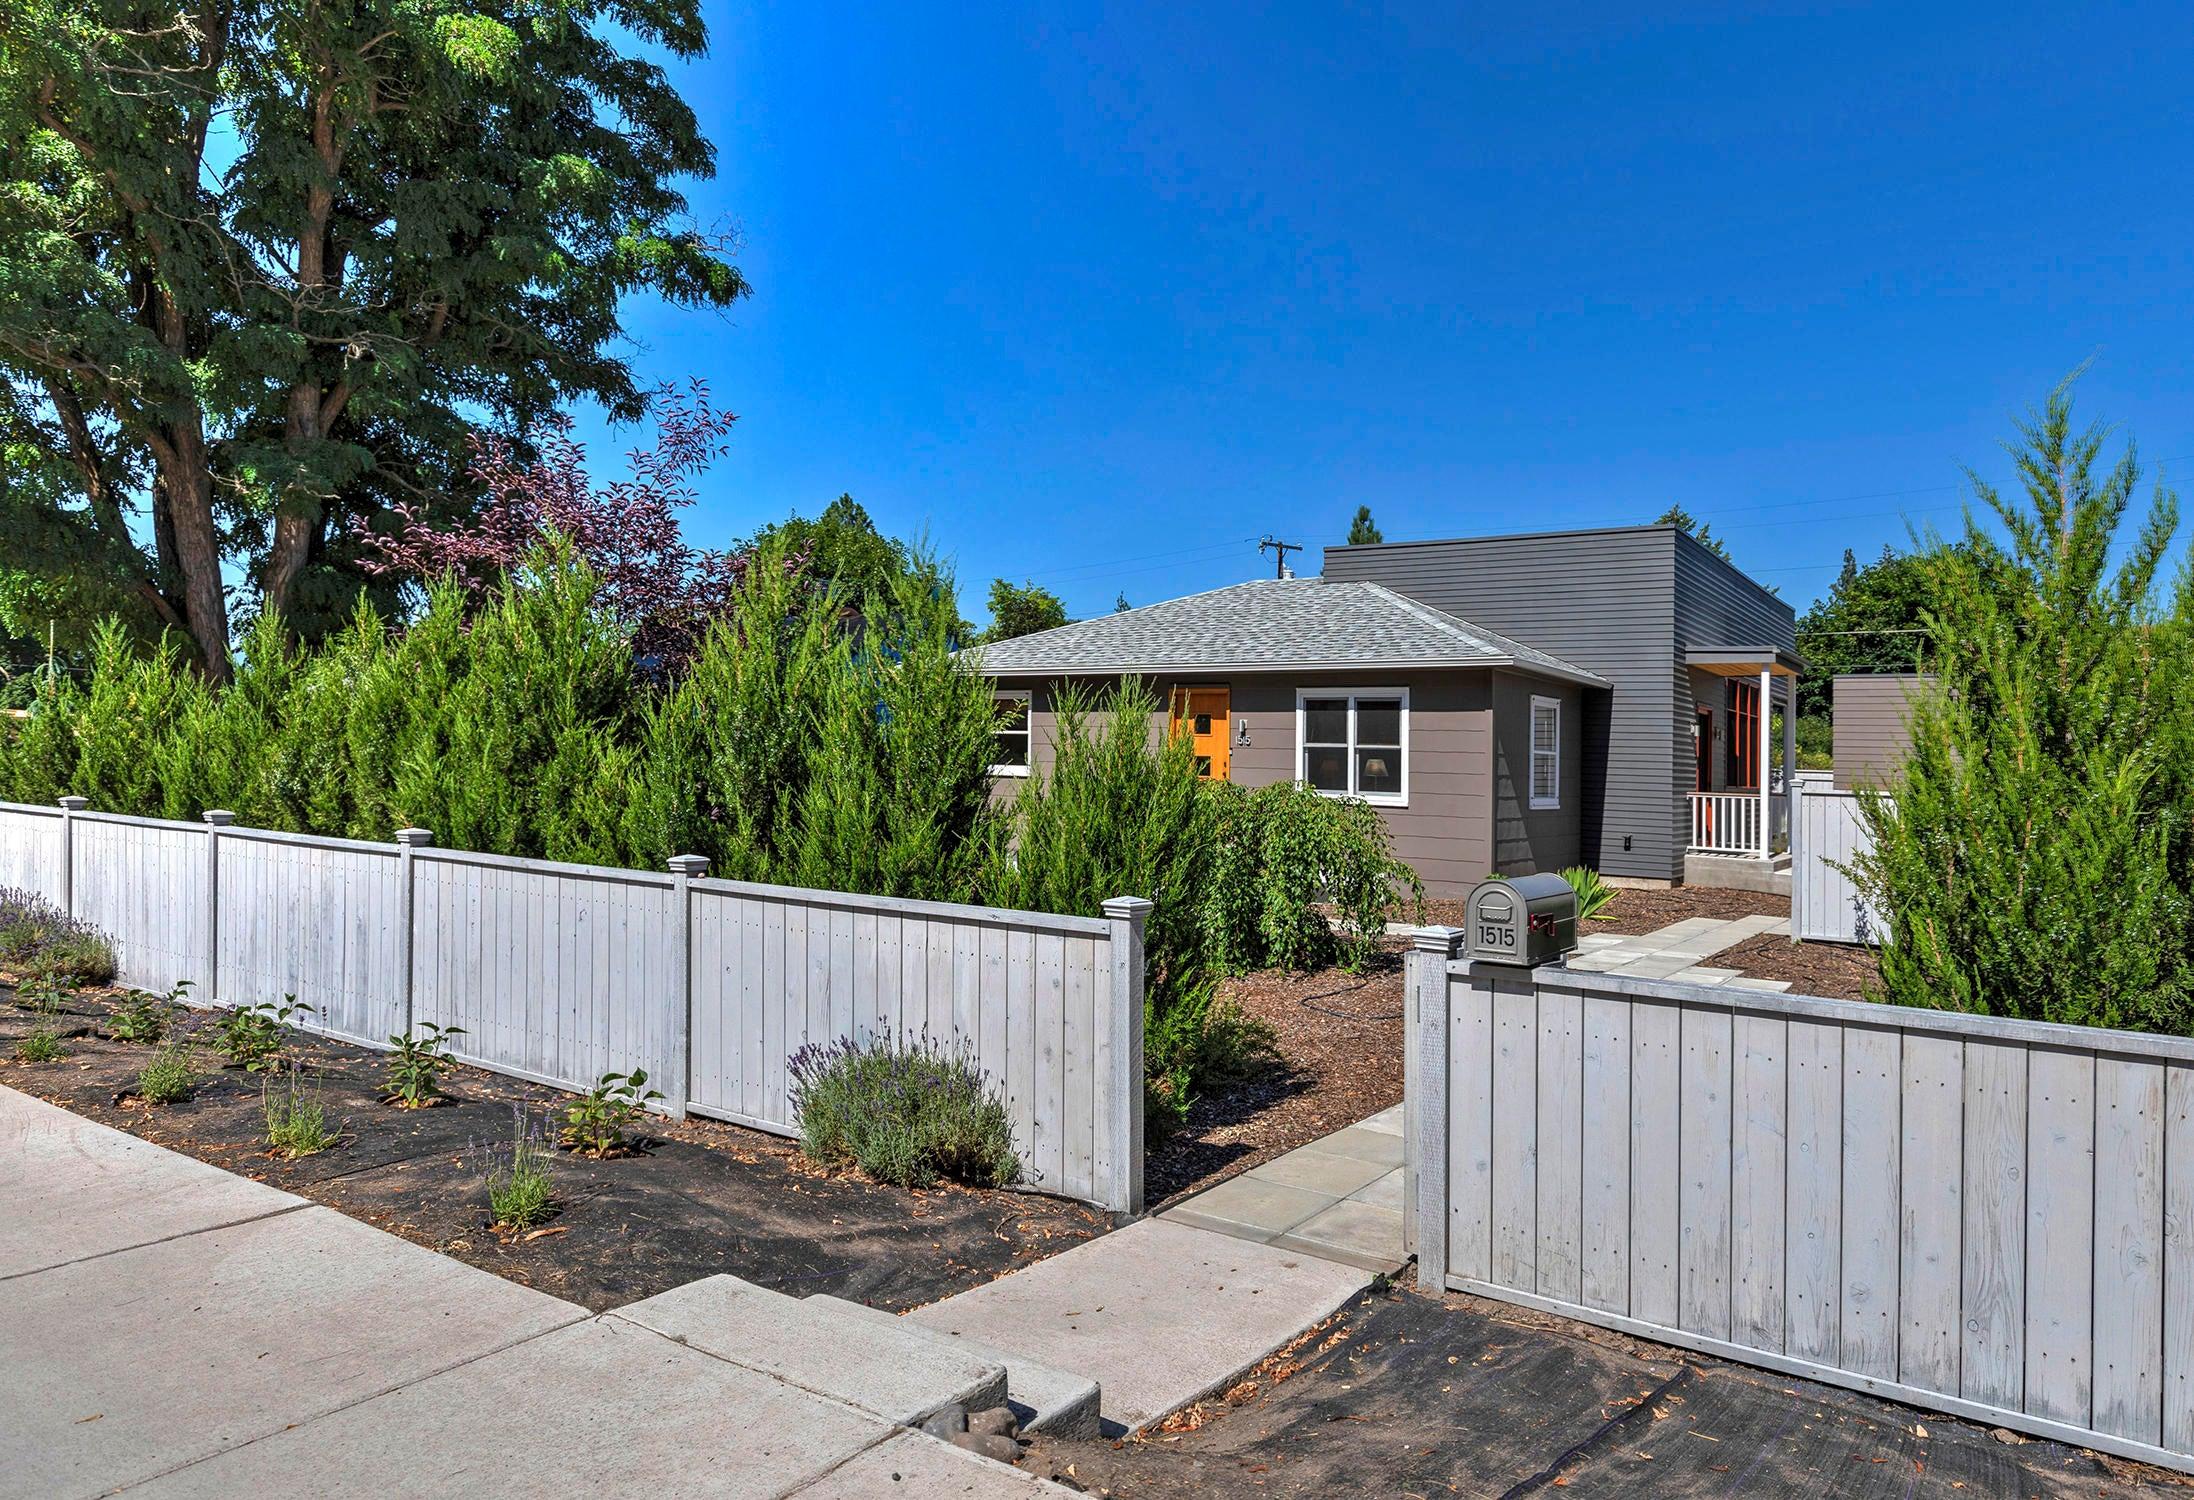 1515 Van Buren Street, Missoula, MT 59802